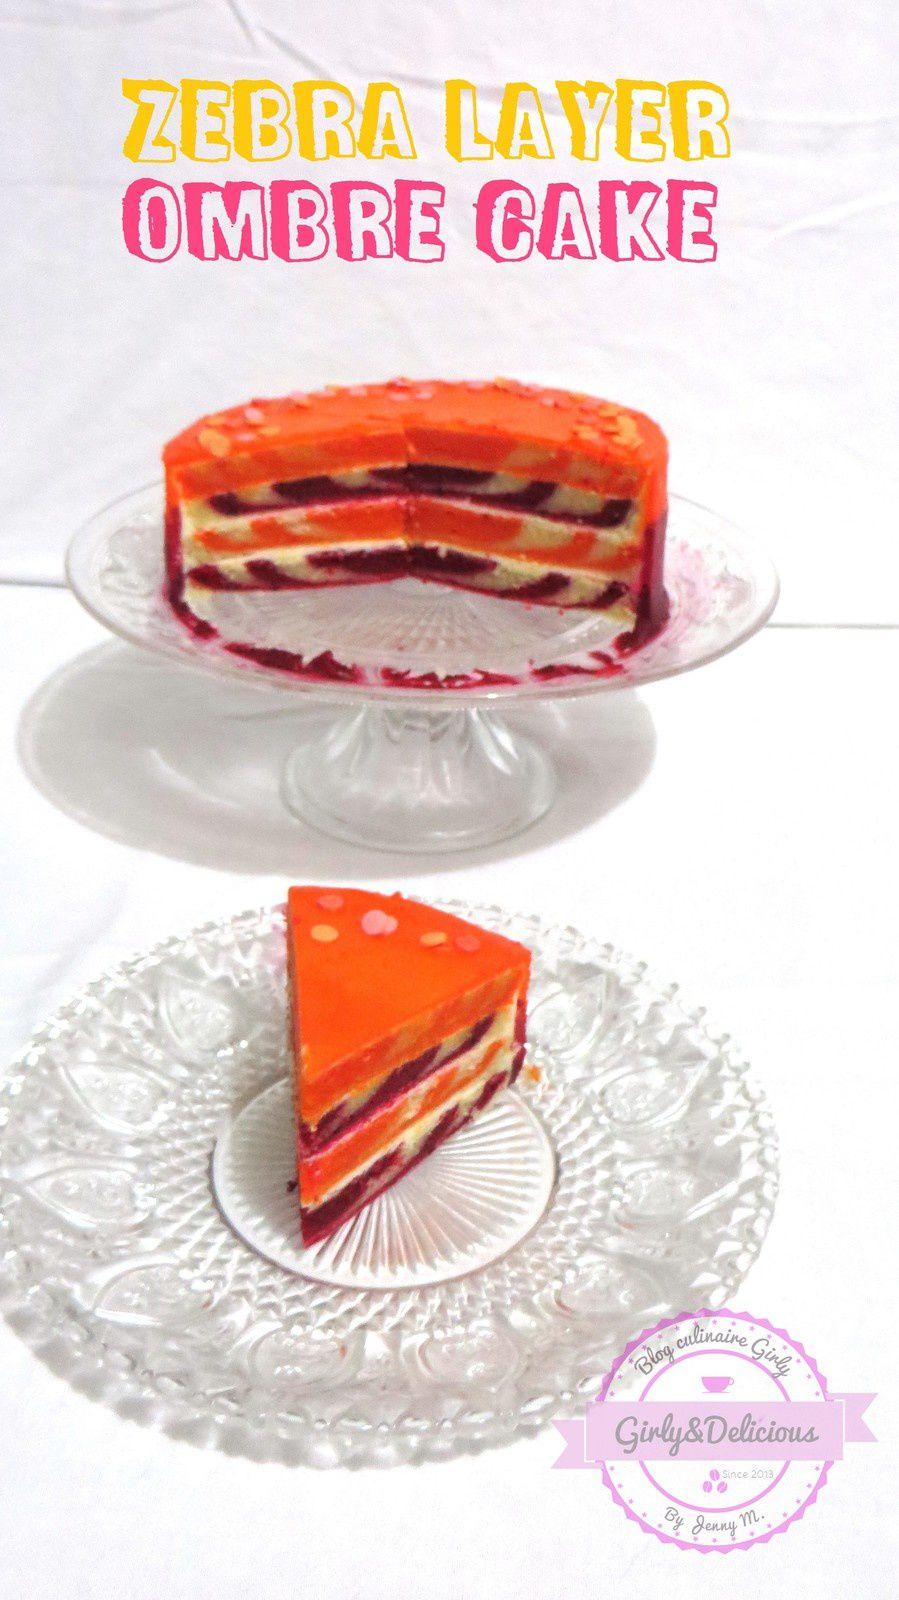 Zebra Layer Ombre Cake